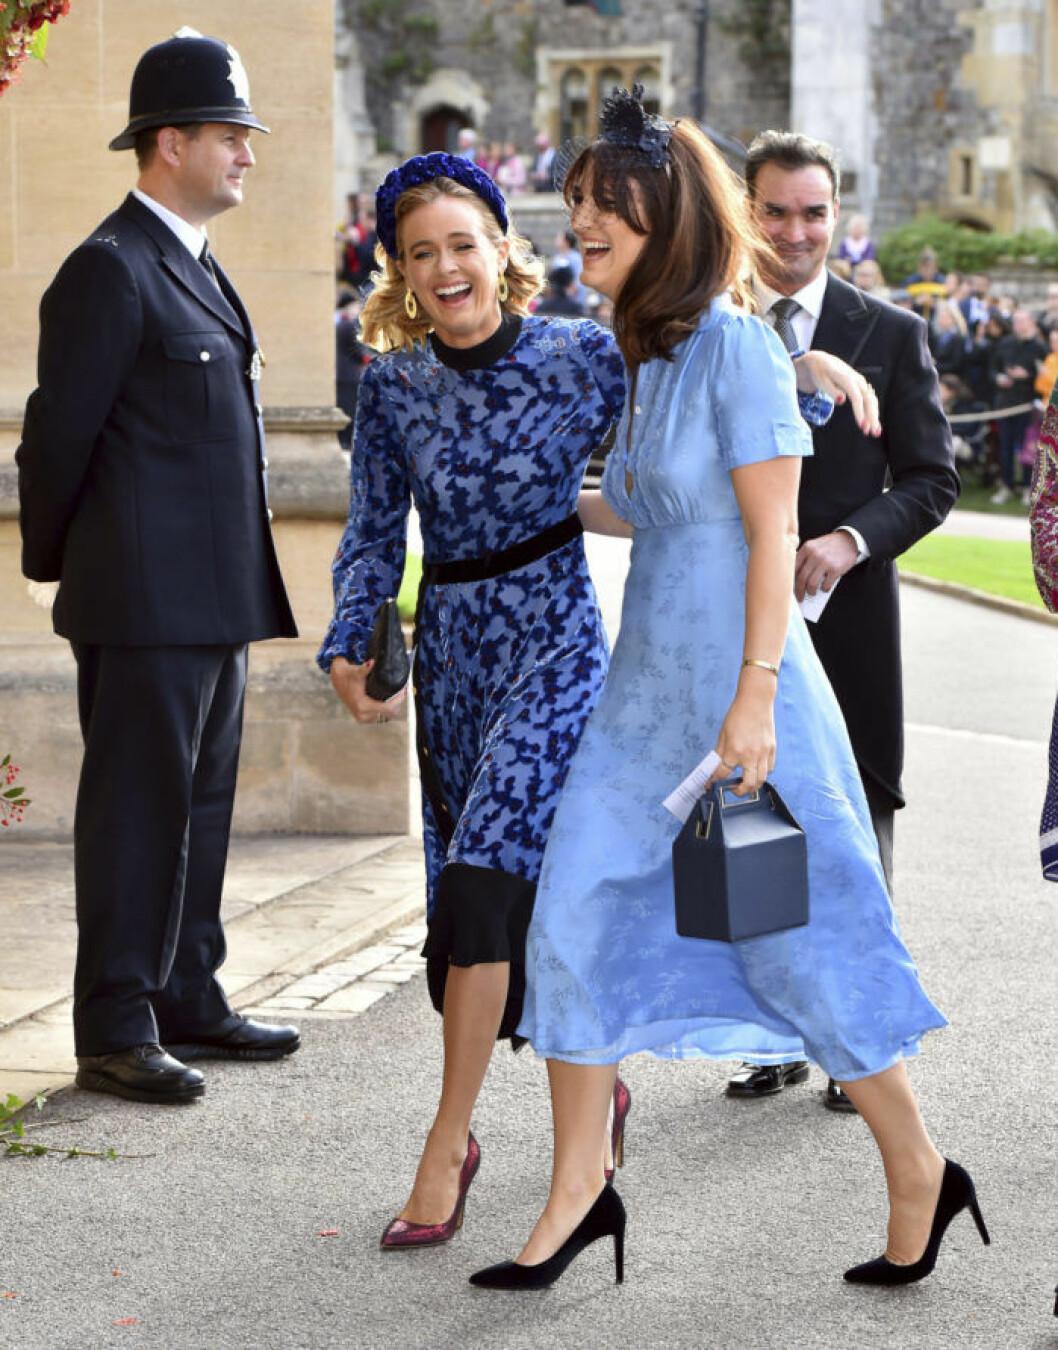 Brittiska societetstjejen Cressida Bonas, prins Harrys ex-flickvän, anländer till kyrkan med en väninna.